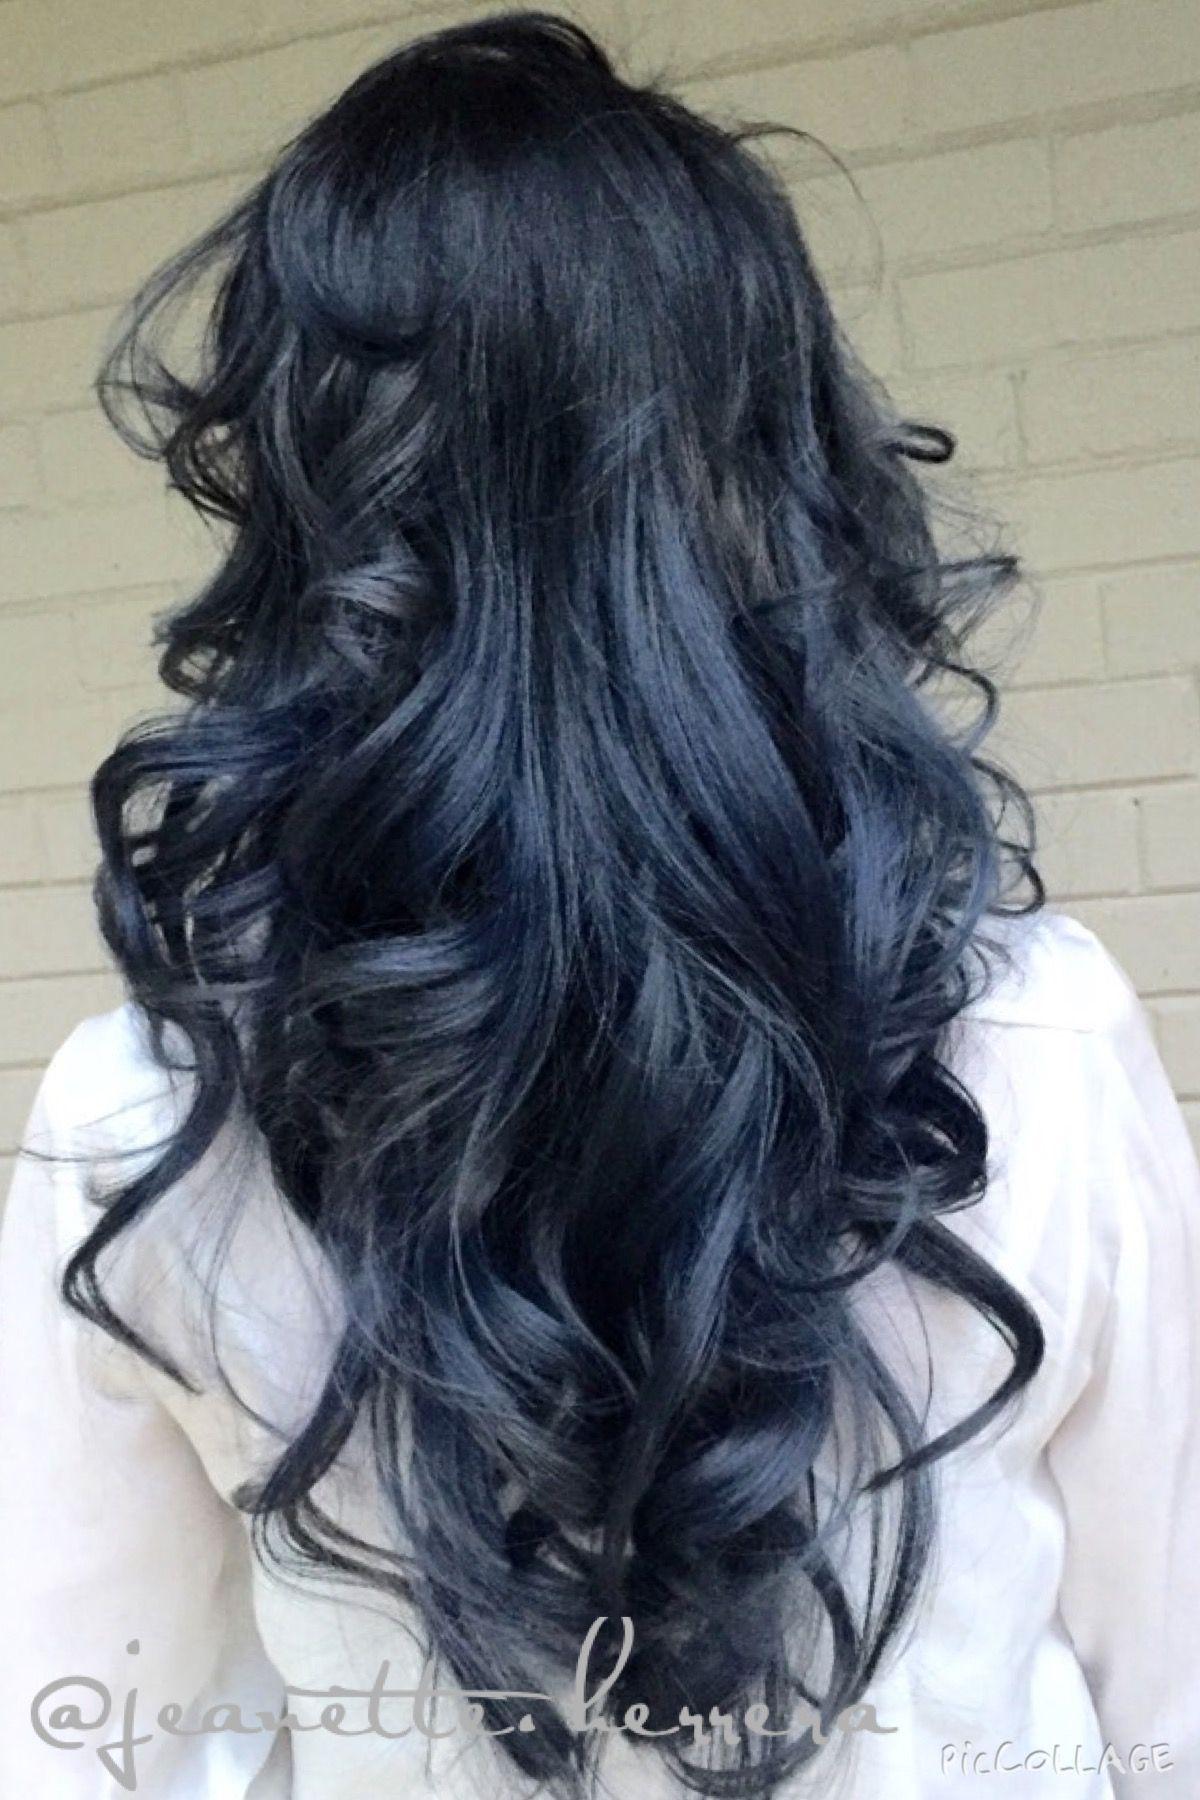 Formula Blue Steel Colores De Cabello Morado Coloracion De